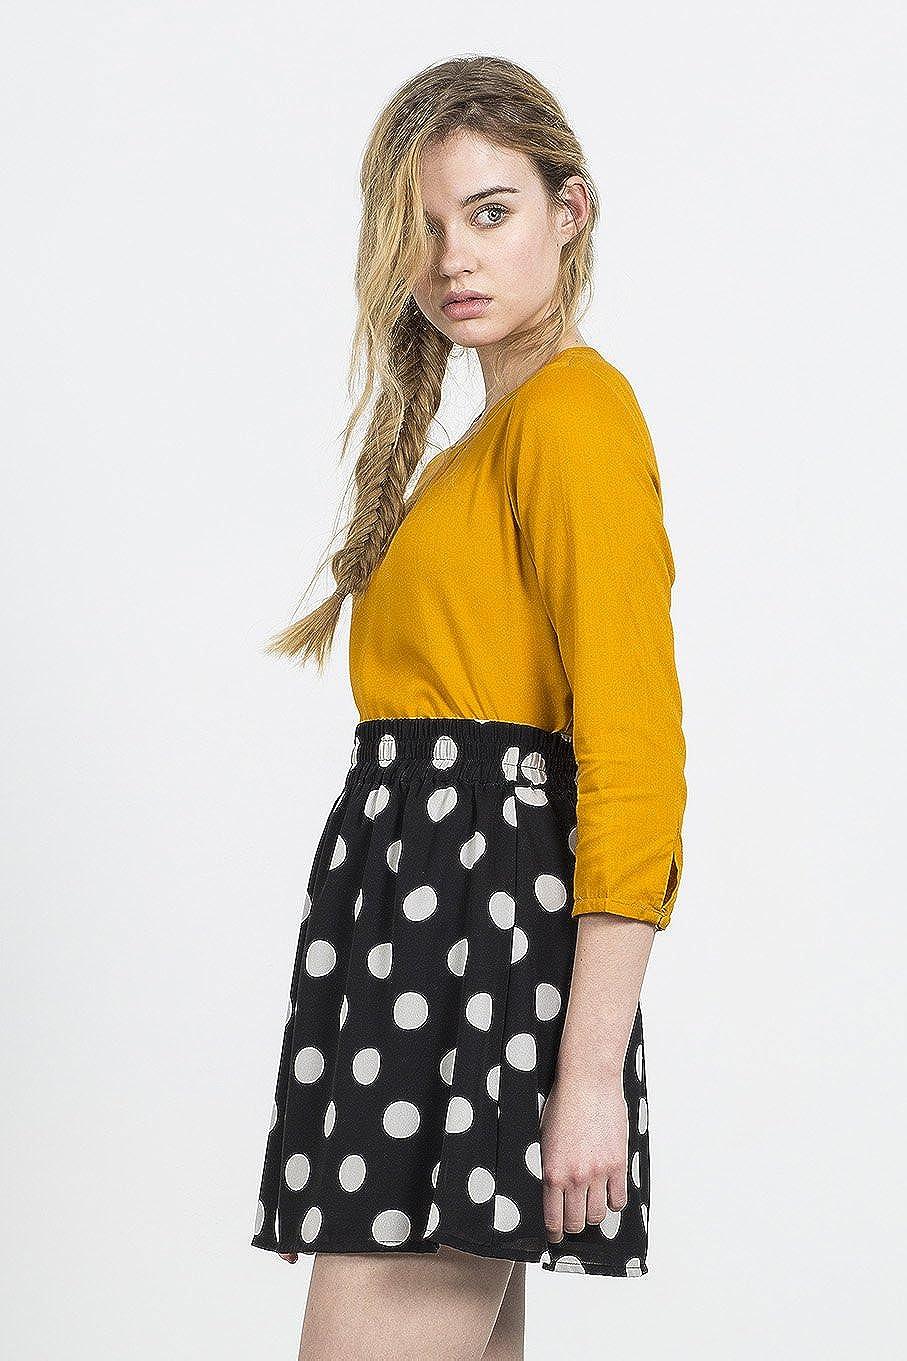 Compañia Fantastica Twister Skirt Falda Casual, Negro (Lunares), M ...